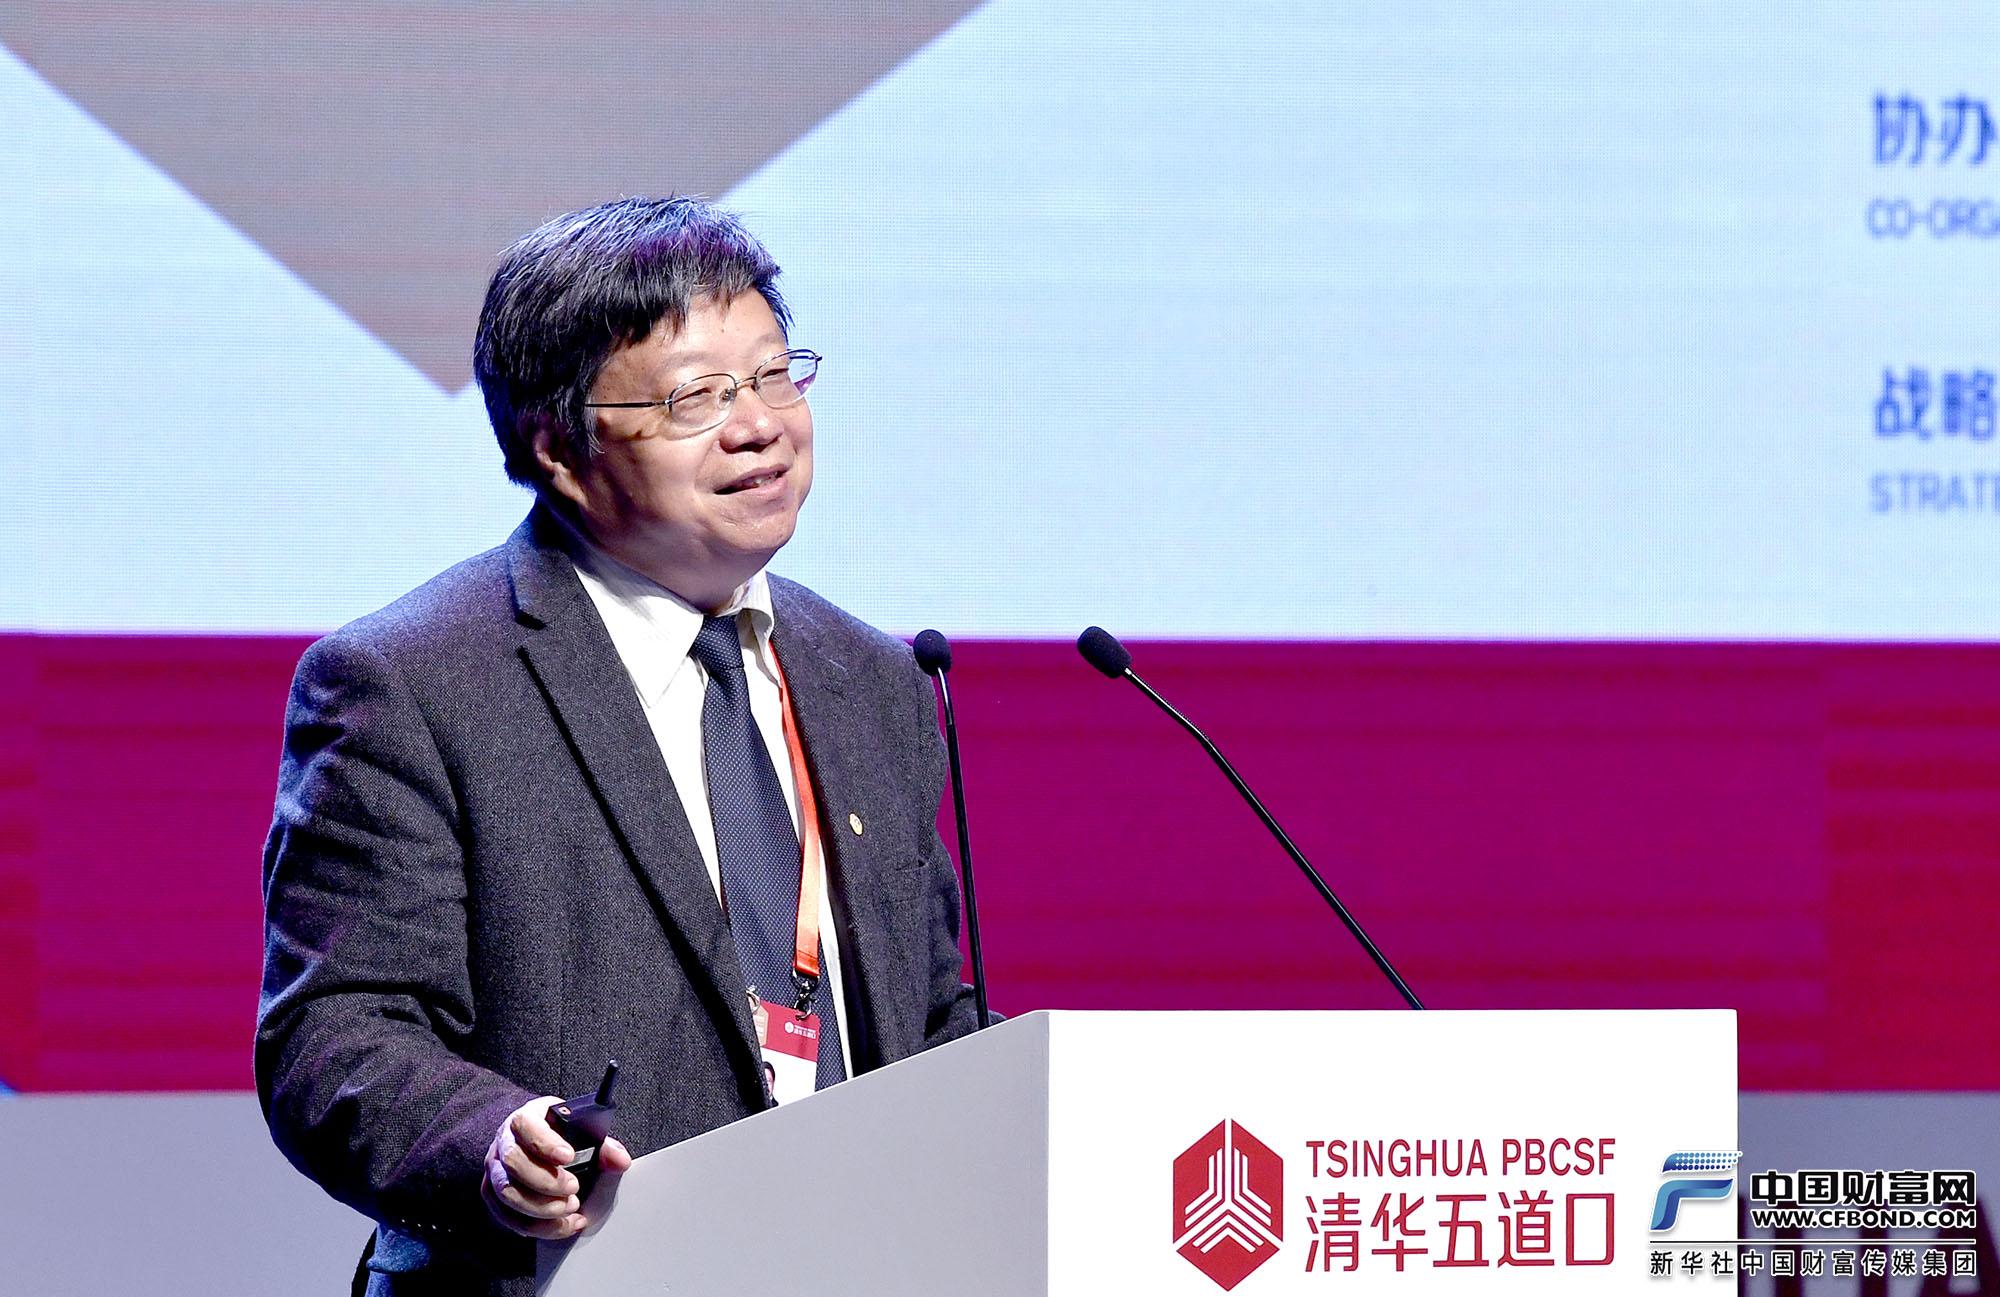 汪寿阳:金融科技人才需求巨大